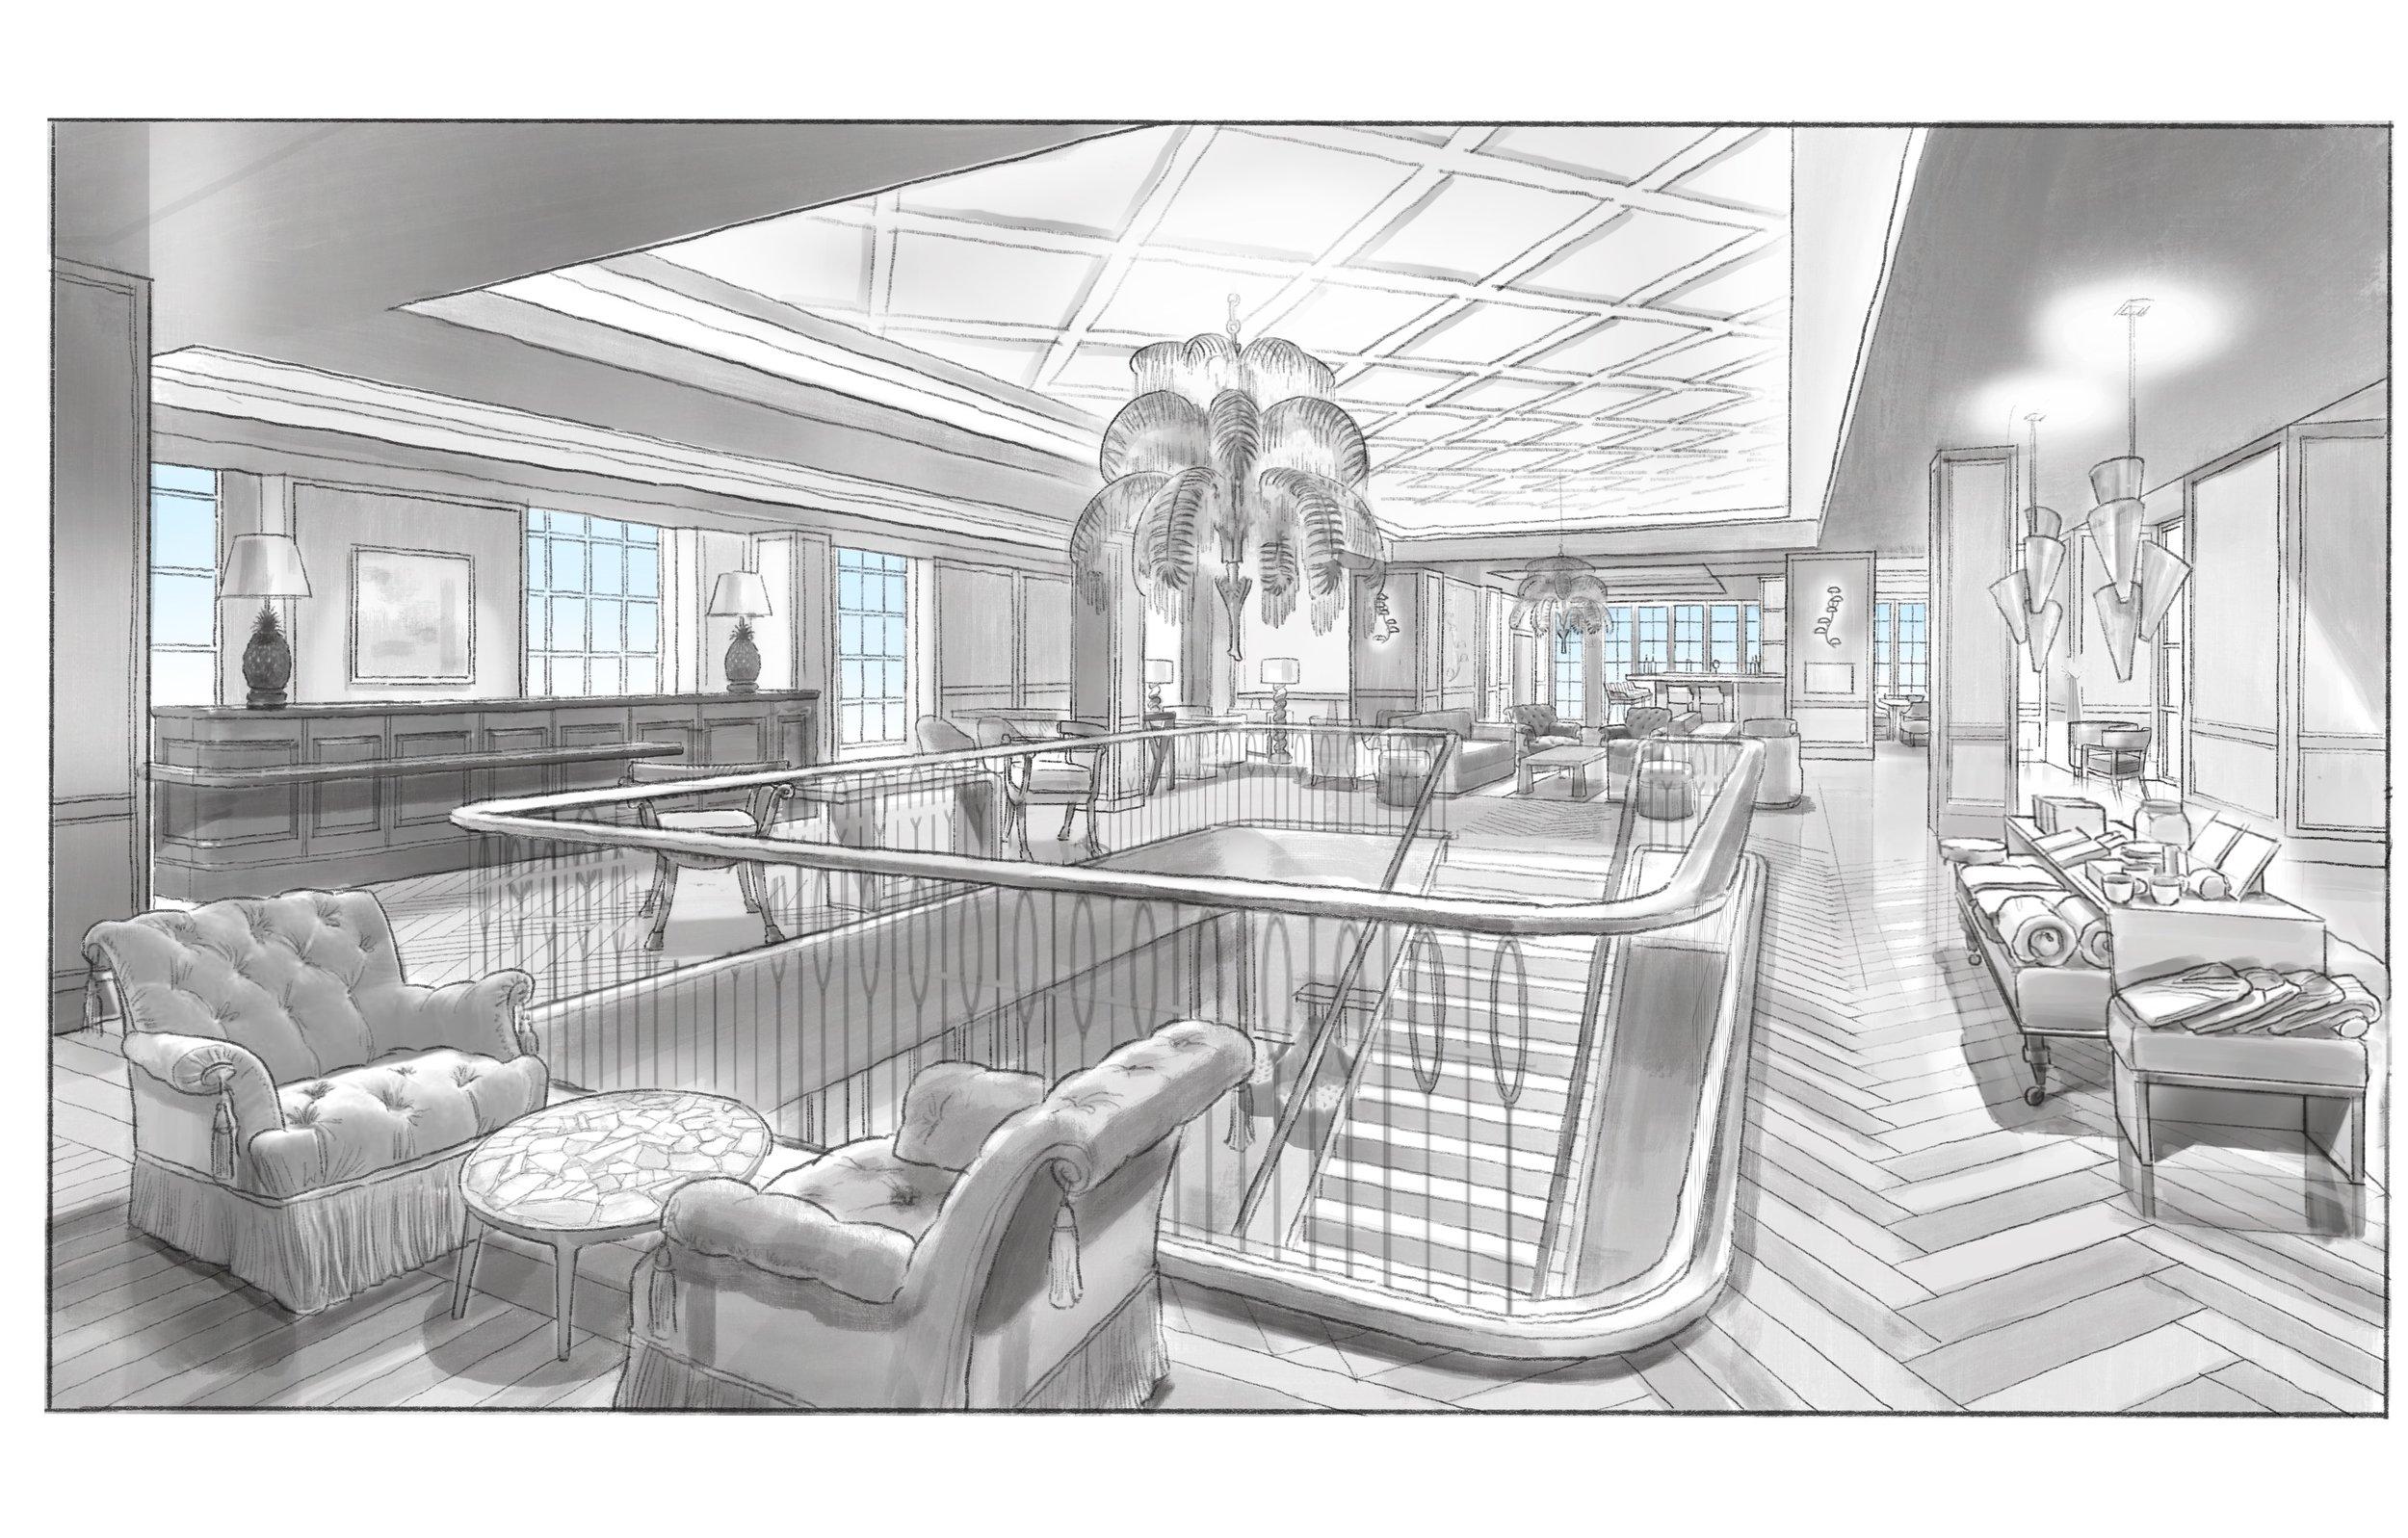 Upper_Lobby-revised 4.jpg